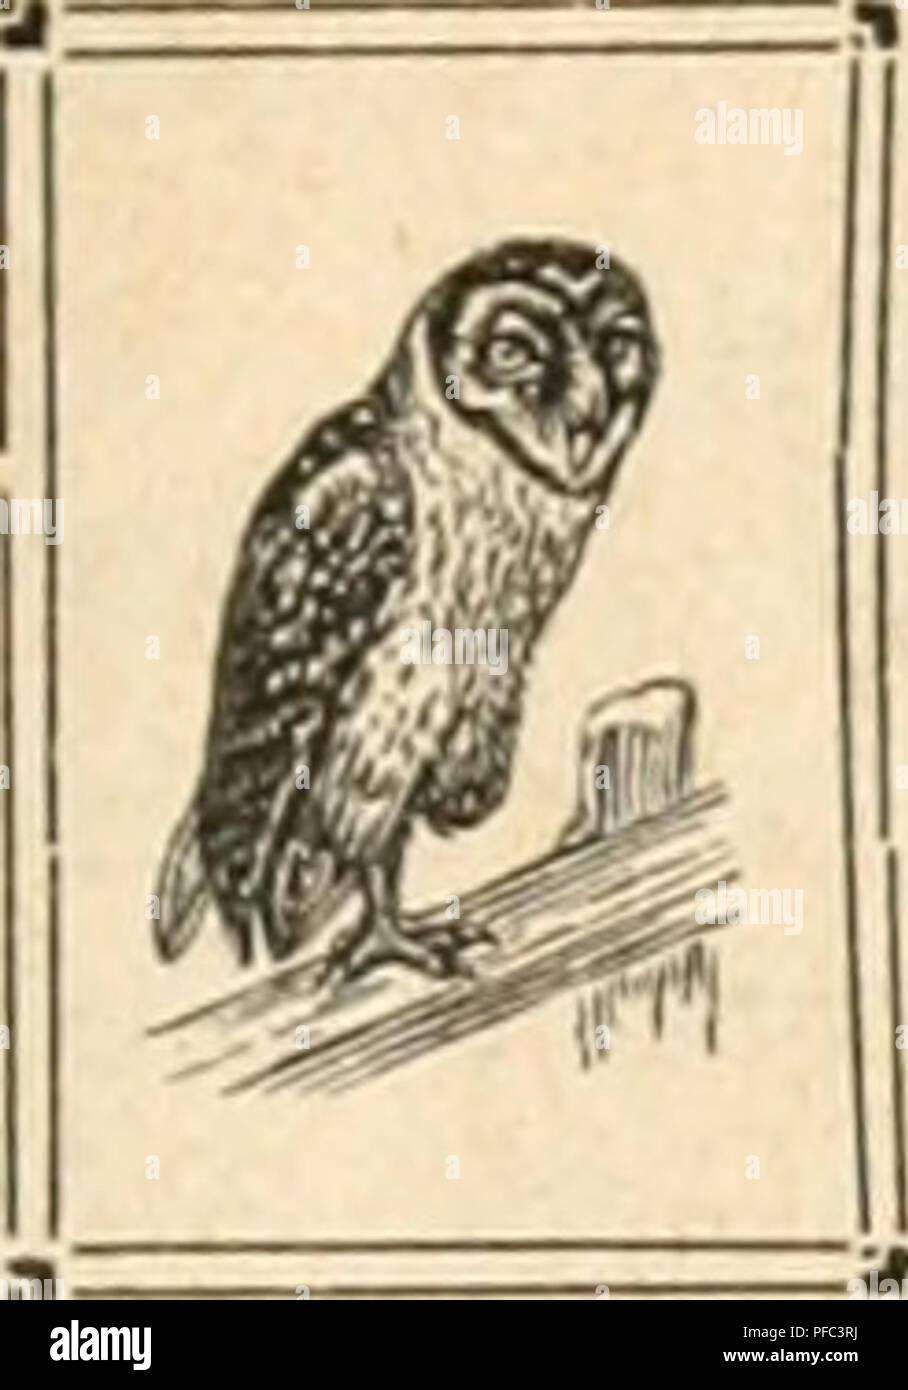 buy popular 9f04c 30dbe Der Ornithologische Beobachter. Birds  Birds. Sfa Der OrnitDoloaiscDe  BeobacDter   Monatsberichte für .